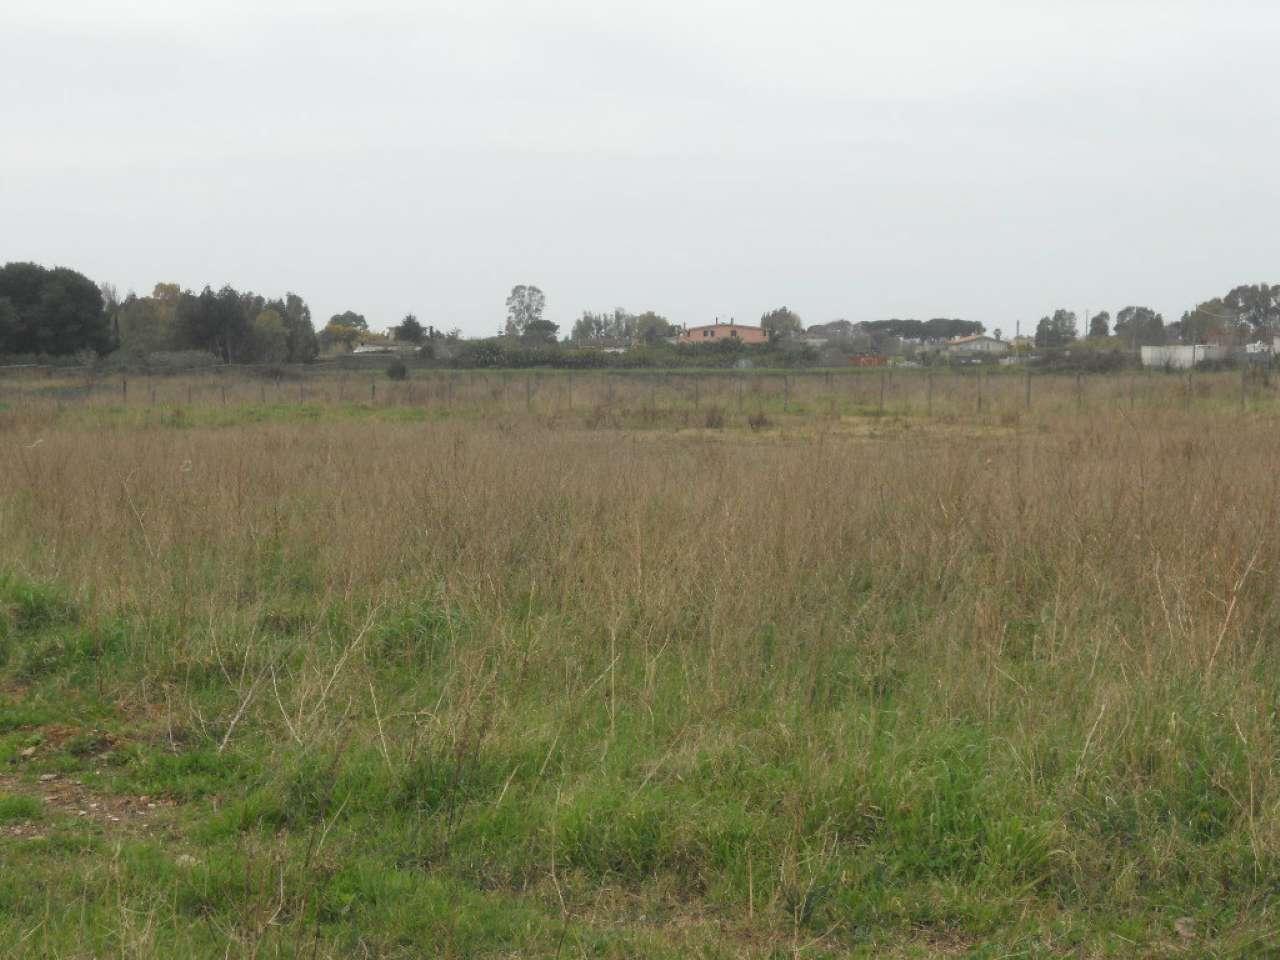 Terreno Agricolo in vendita a Ardea, 1 locali, prezzo € 60.000 | CambioCasa.it